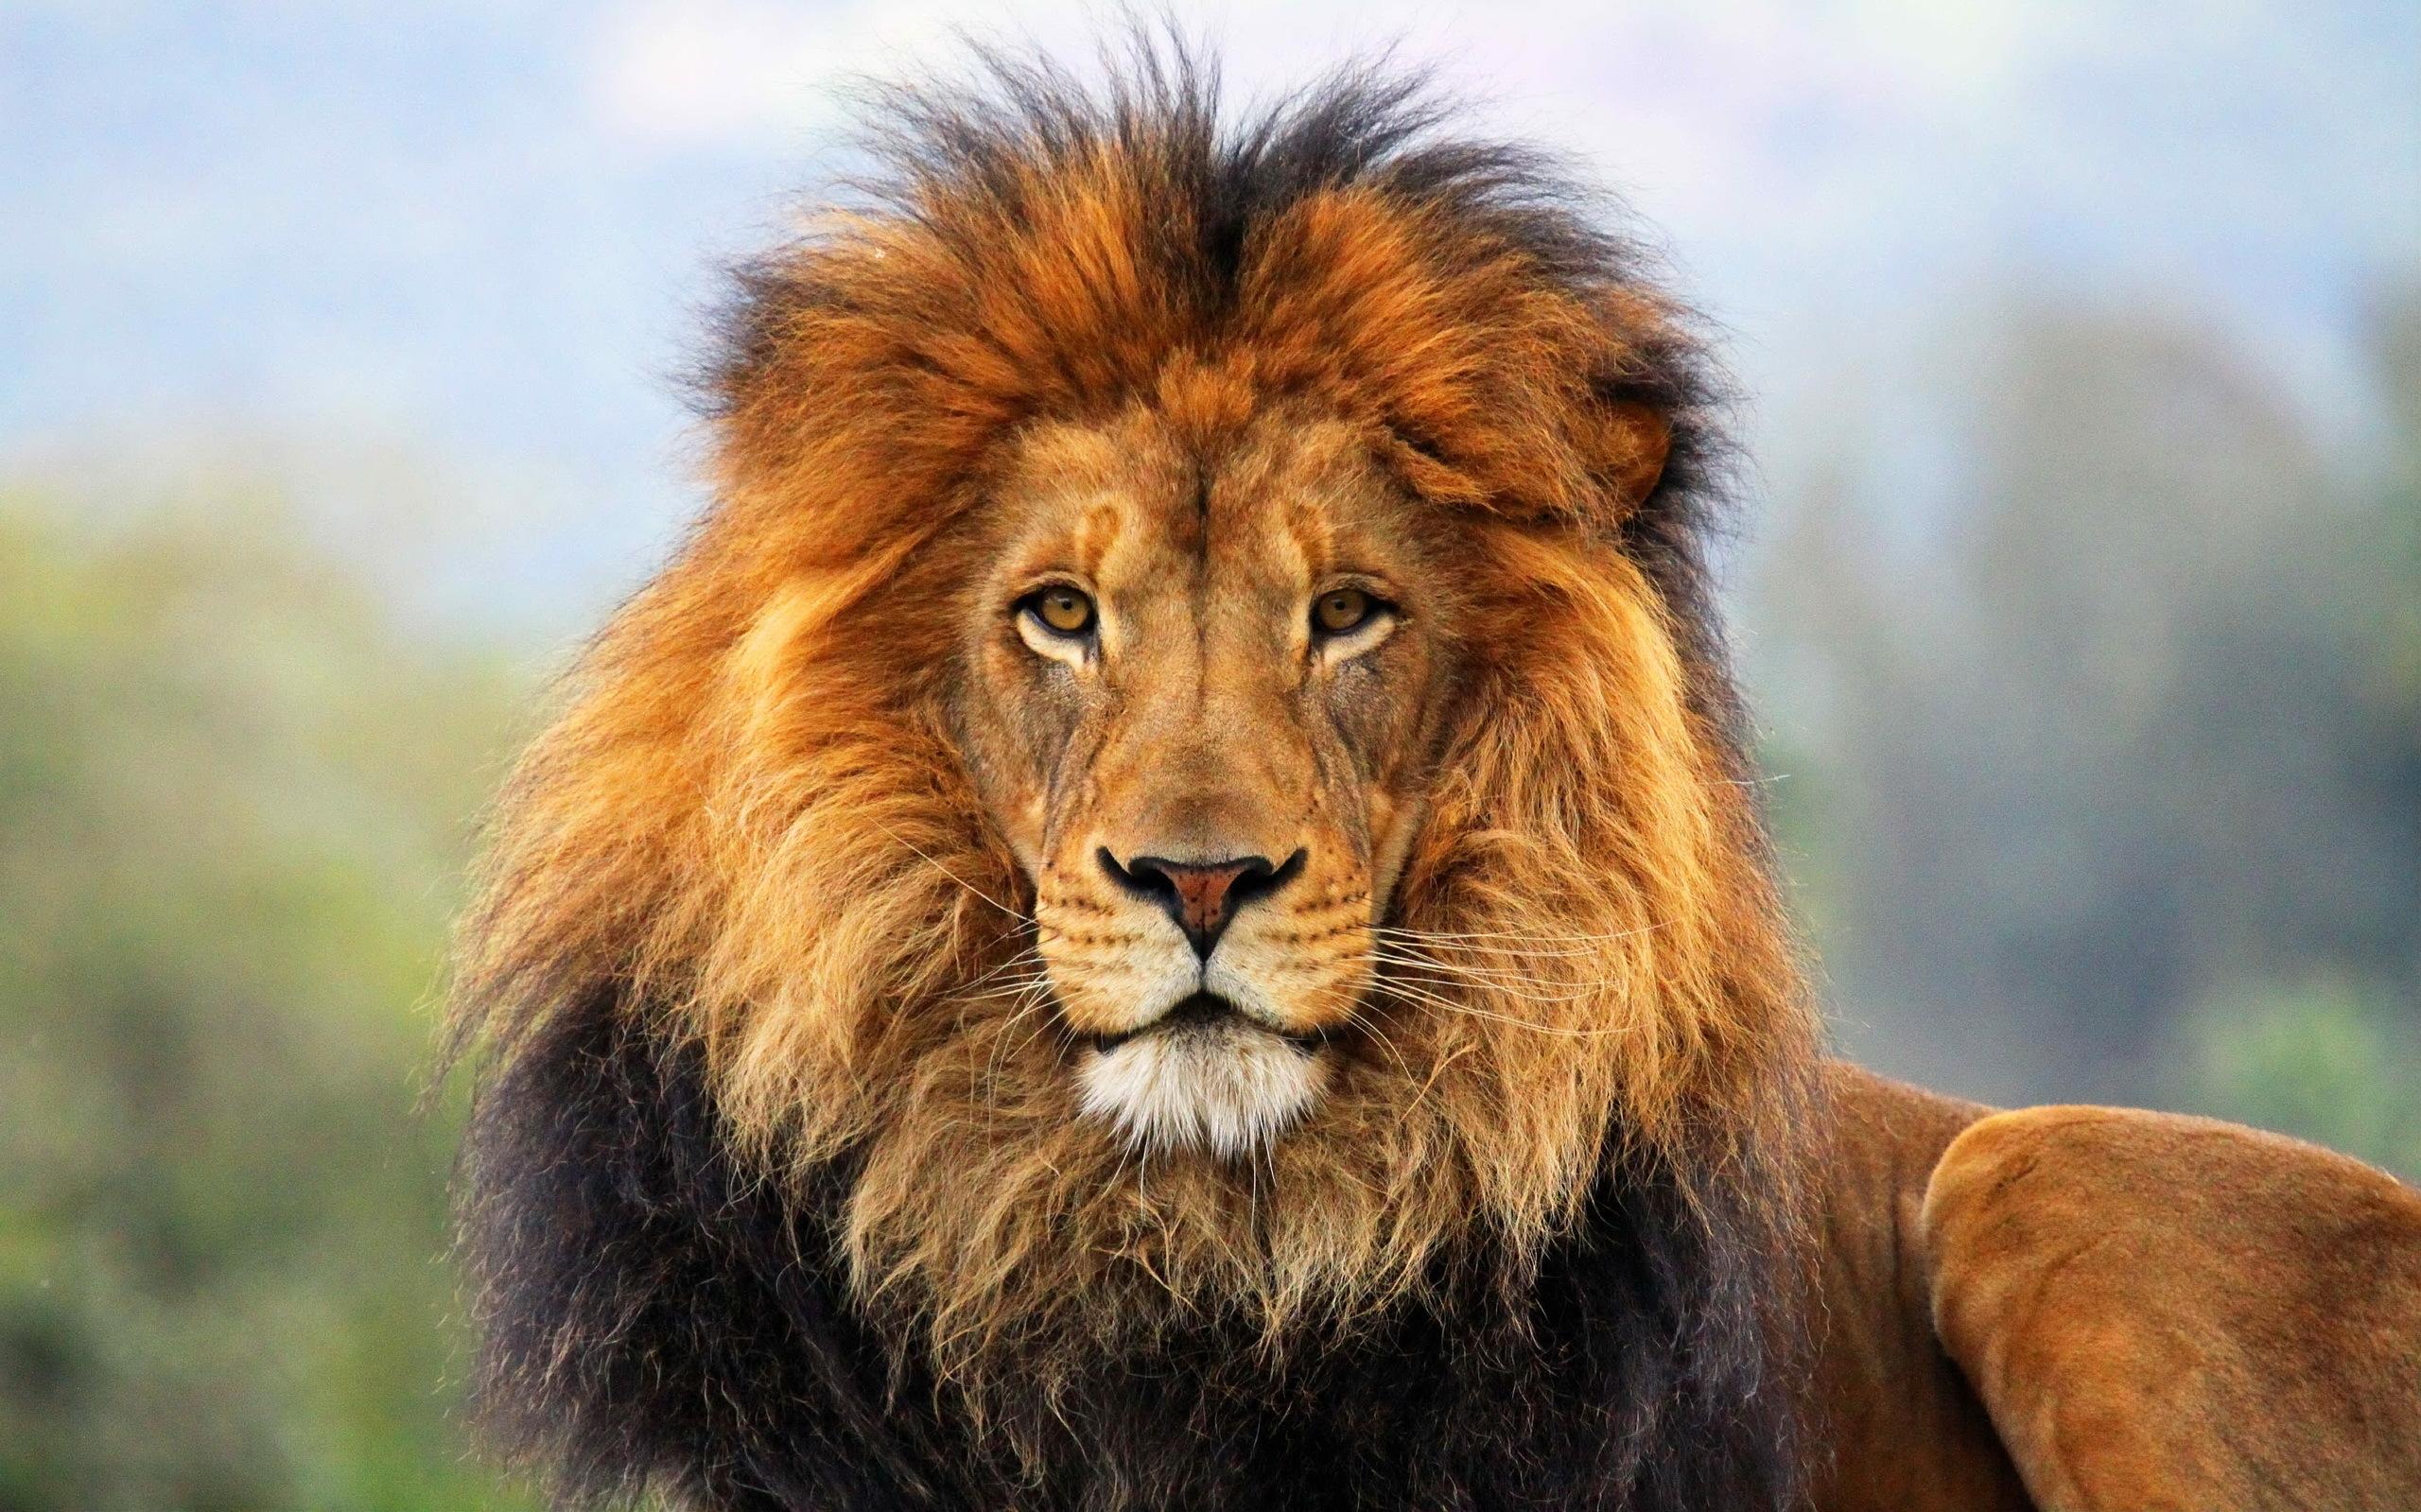 Wallpaper lion mane eyes waiting big cat carnivore king of